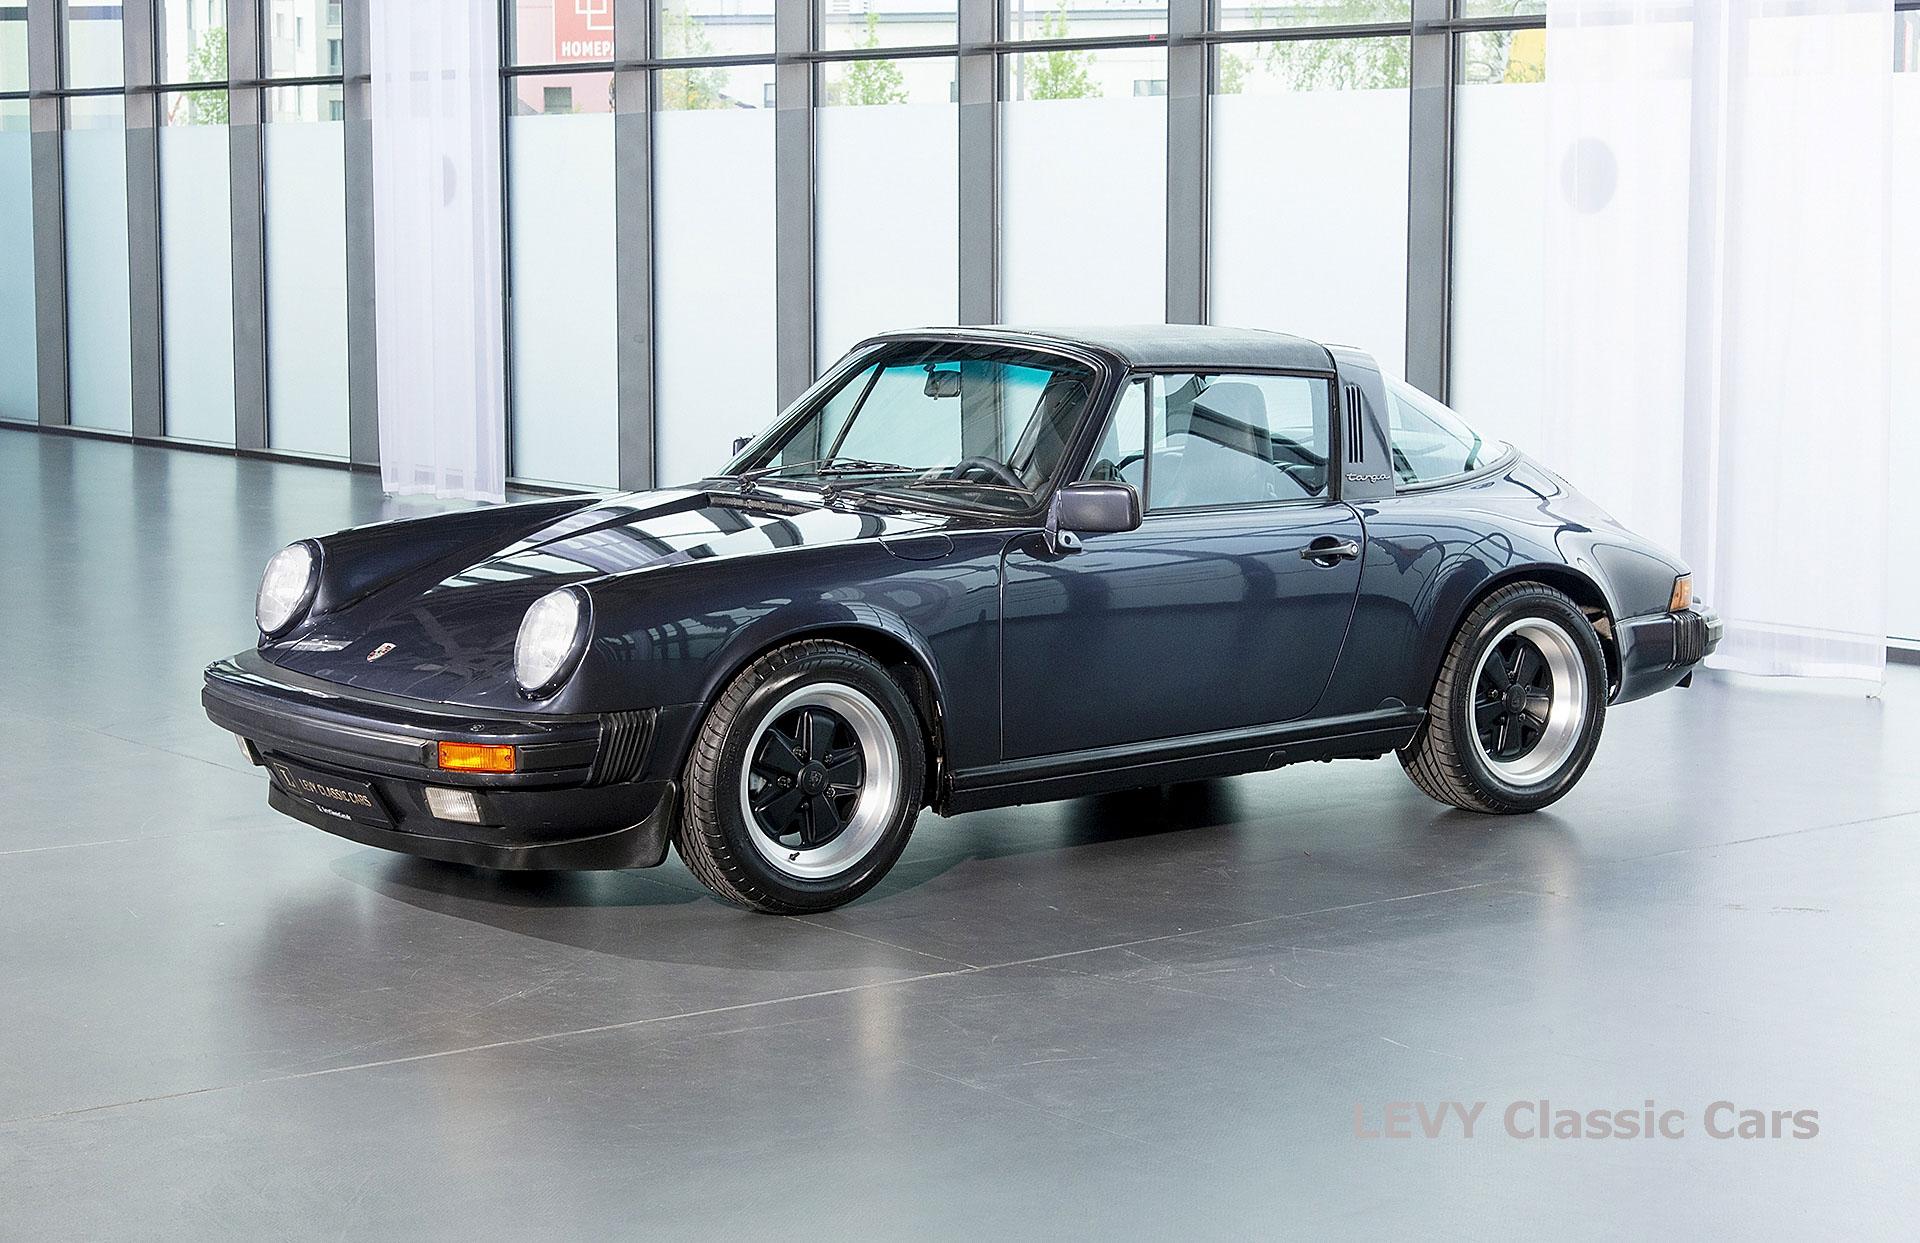 Porsche 911 Targa blau 61547 64